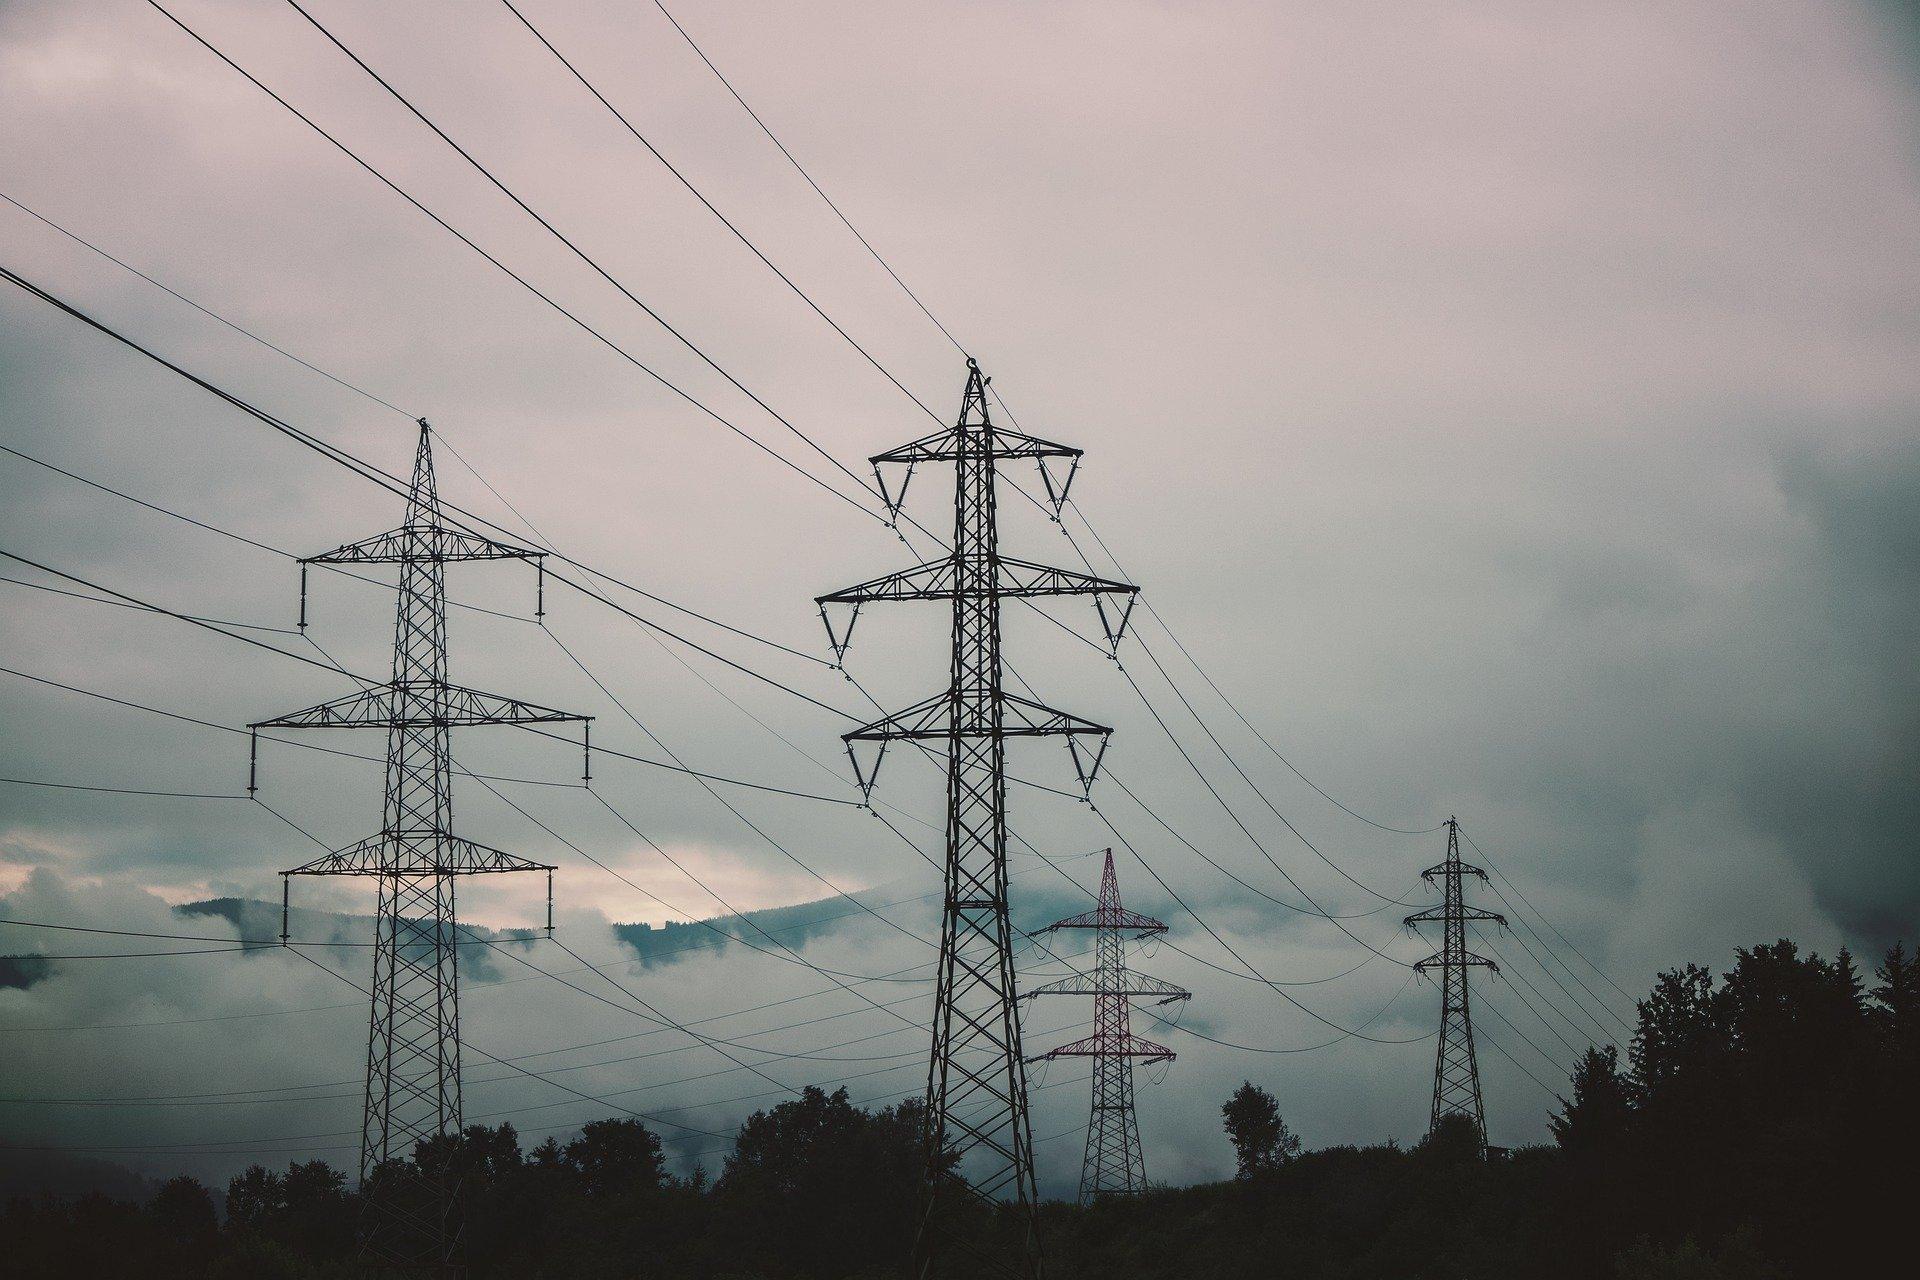 royaume-uni nouvelle batterie mixte stabilite reseau electrique - L'Energeek